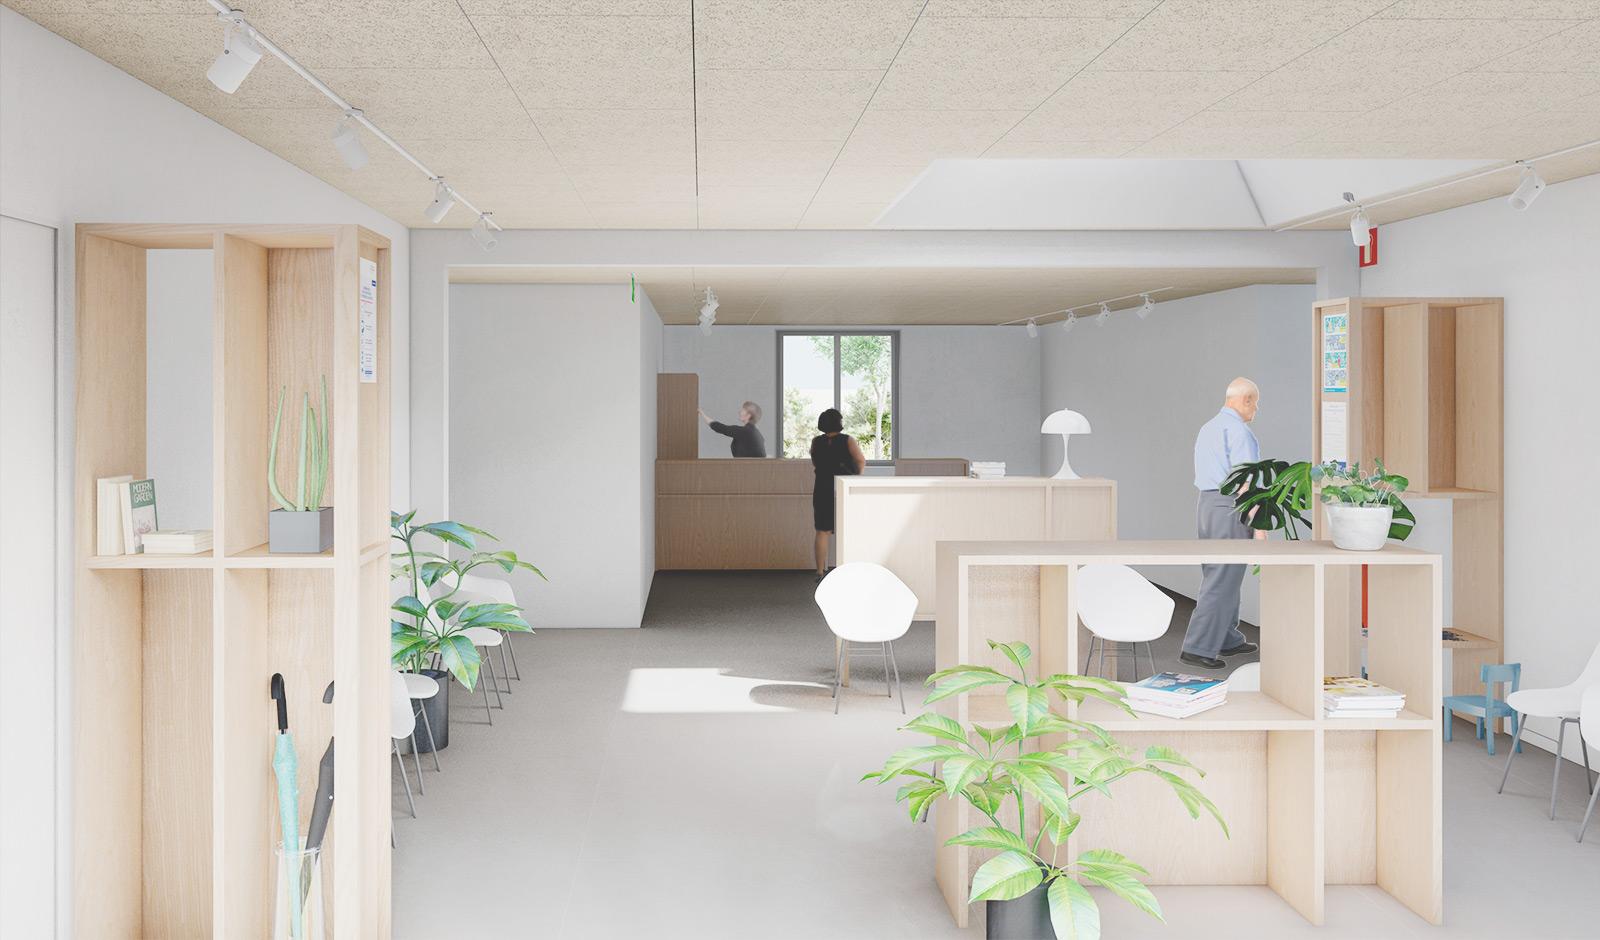 projet aménagement intérieur salle d'attente cabinet médical